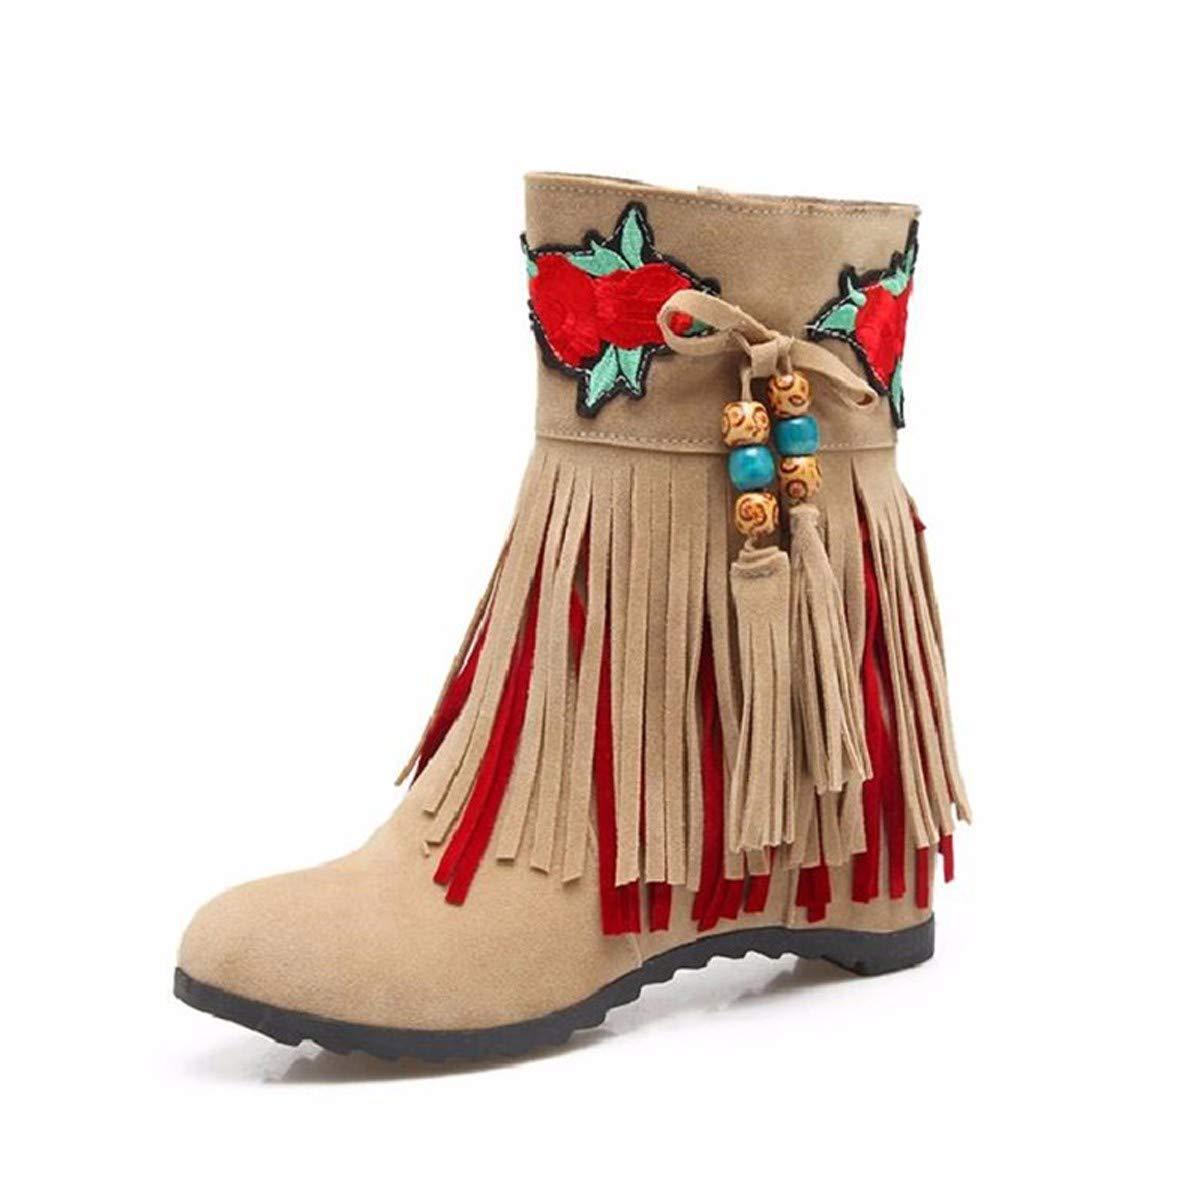 KPHY Damenschuhe Mit Hohen Freund Hohe Stiefel Mit Fransen Modischen Seite Reißverschluss Kurze Stiefel Süß Nahen Betuchte Damenschuhe.